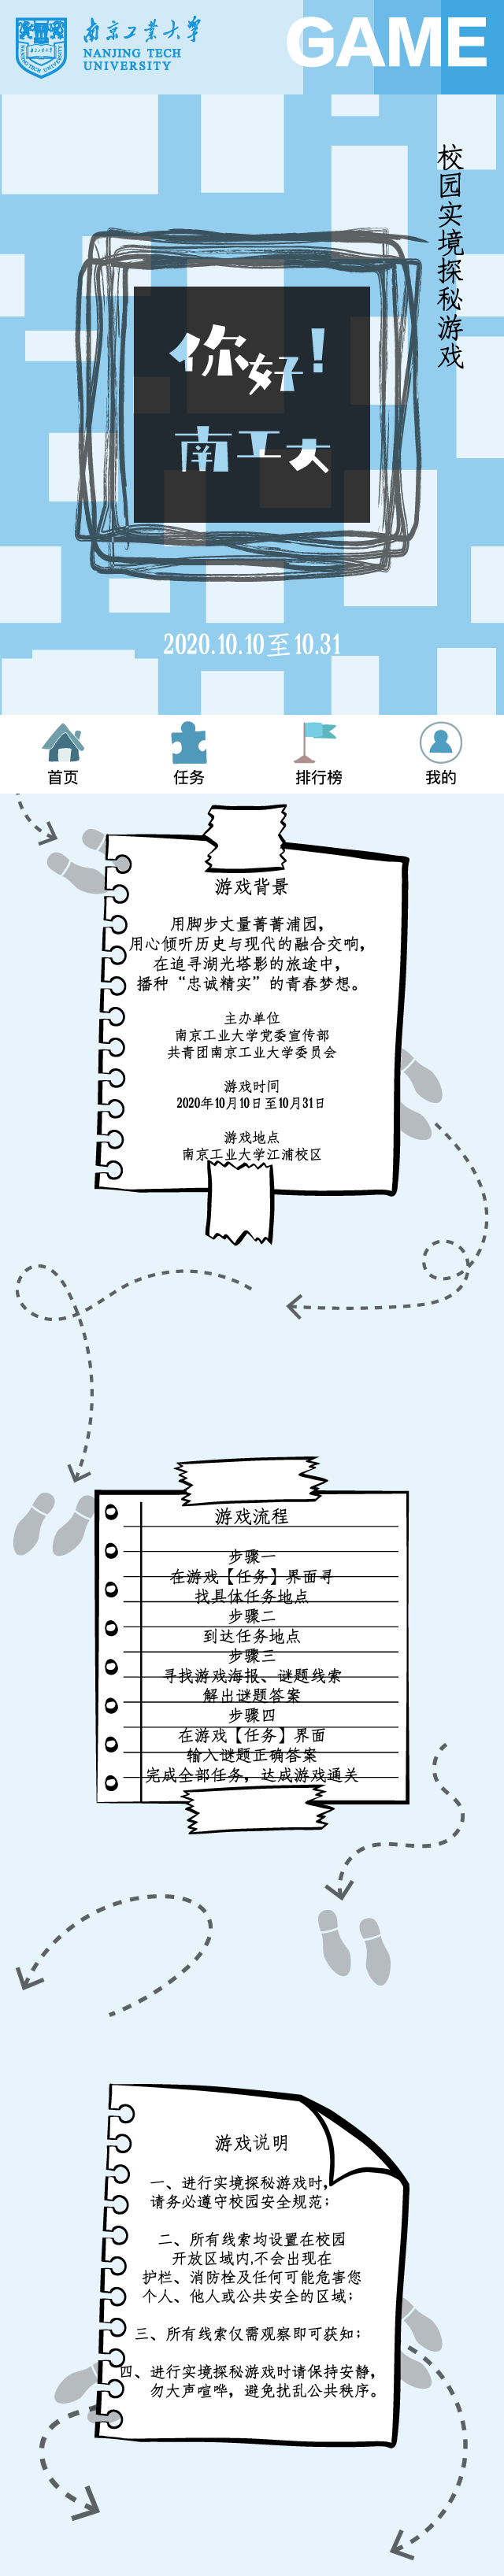 【华美测速】园实境华美测速探秘游戏真图片